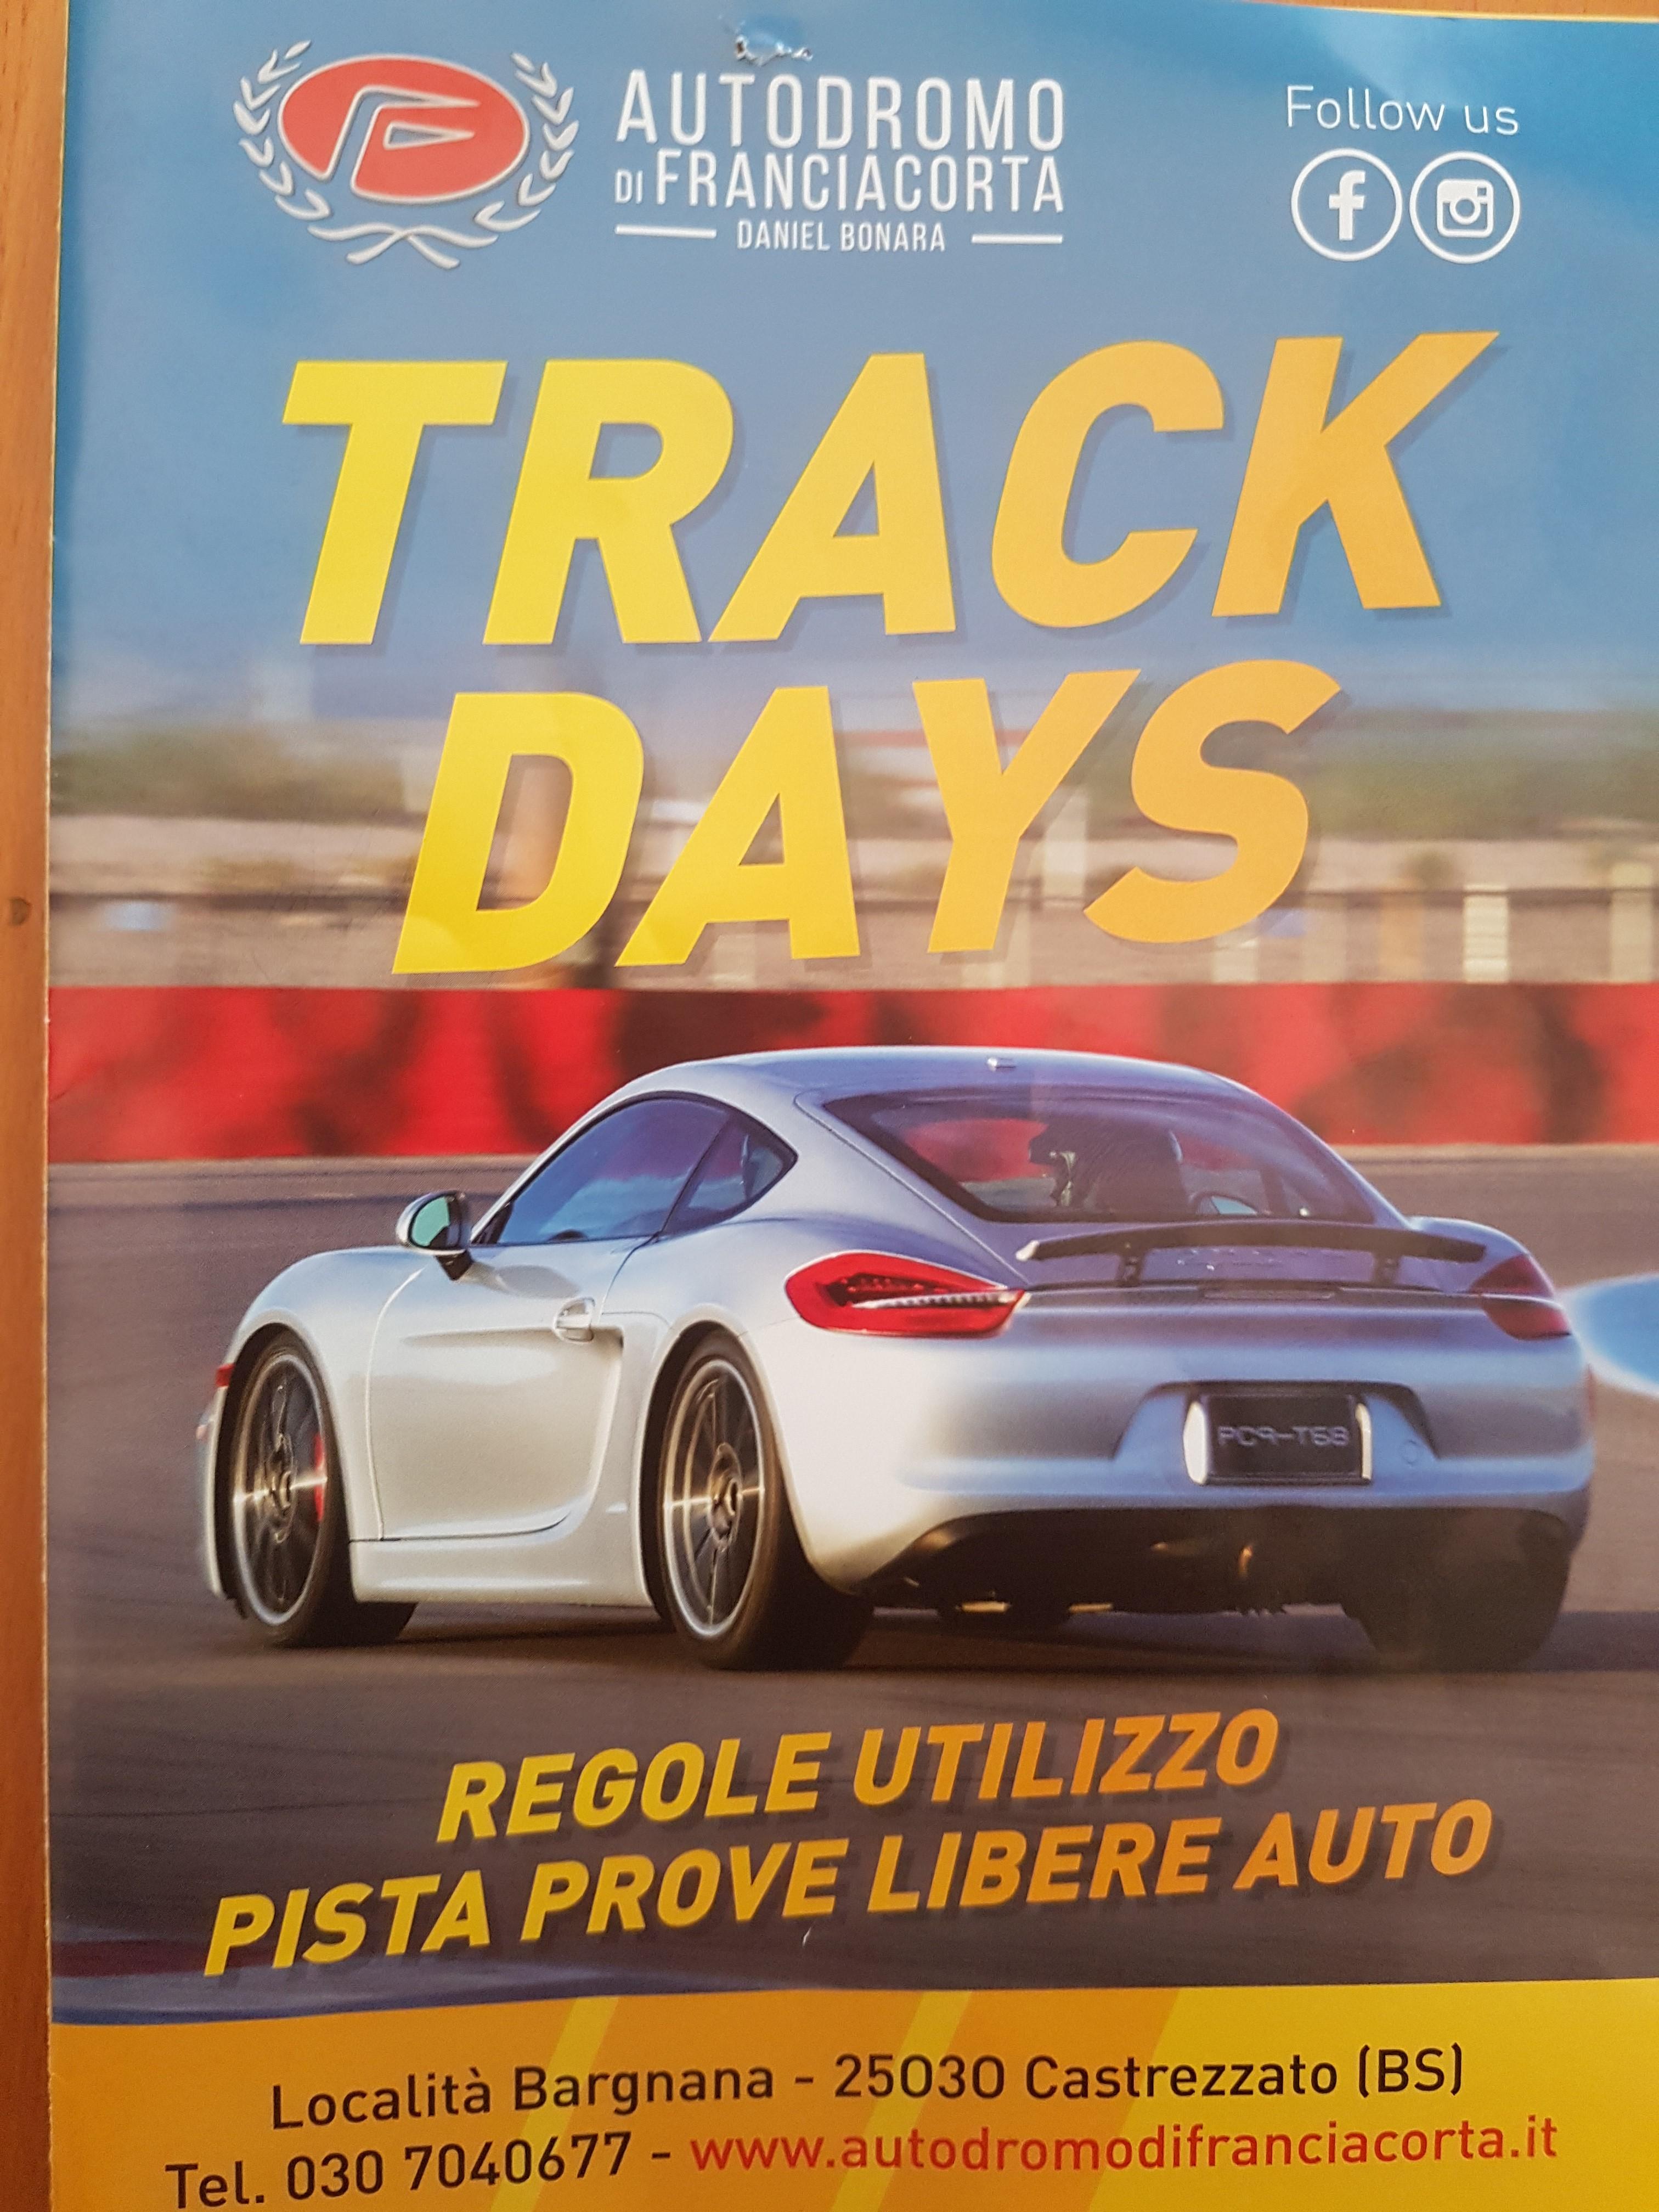 Sicurezza in pista e nei Trackdays: regole e buon senso.